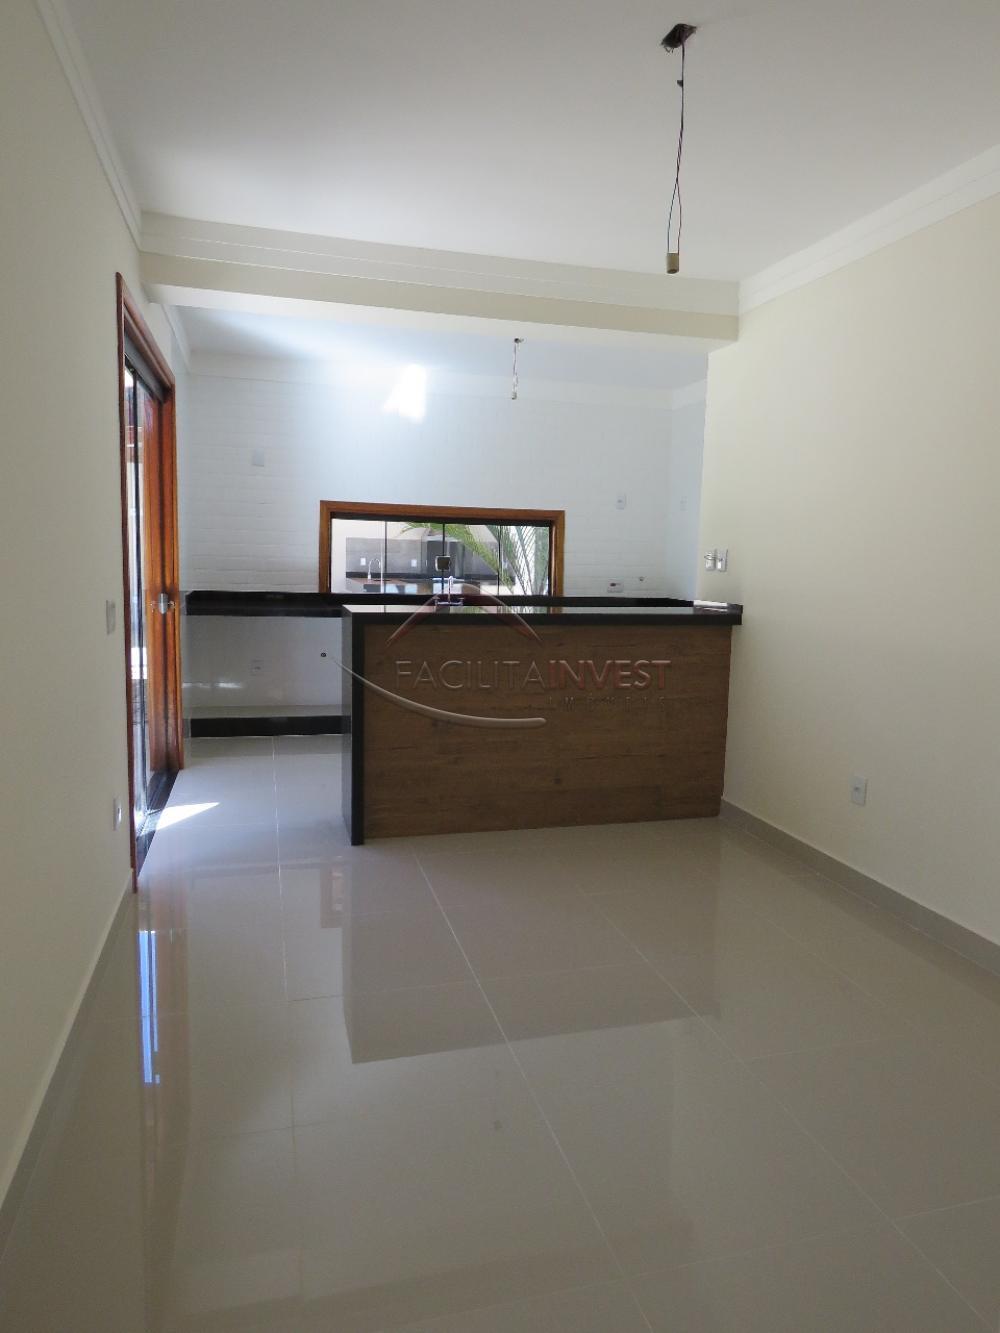 Comprar Chácaras em condomínio / Chácara em condomínio em Ribeirão Preto apenas R$ 1.190.000,00 - Foto 8